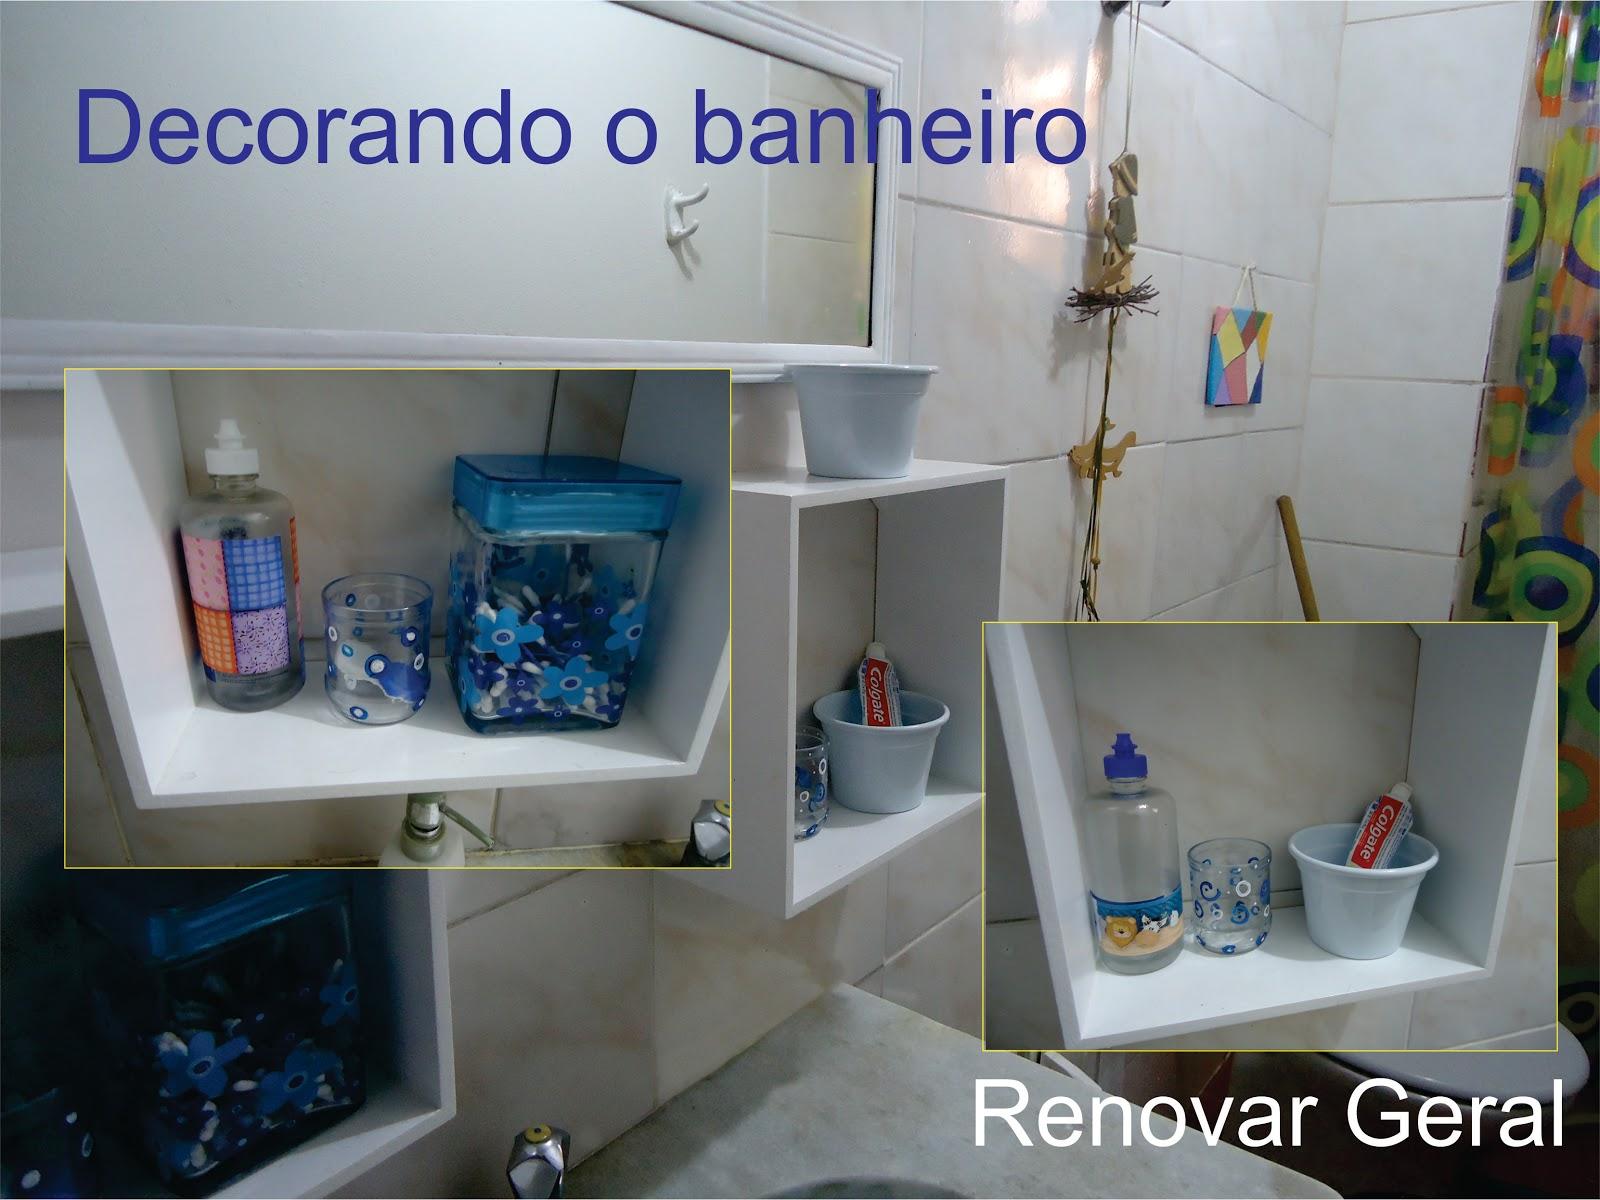 decoracao banheiro antigo:Renovar Geral: Decorando o banheiro antigo #2D416E 1600x1200 Banheiro Antigo Decoração